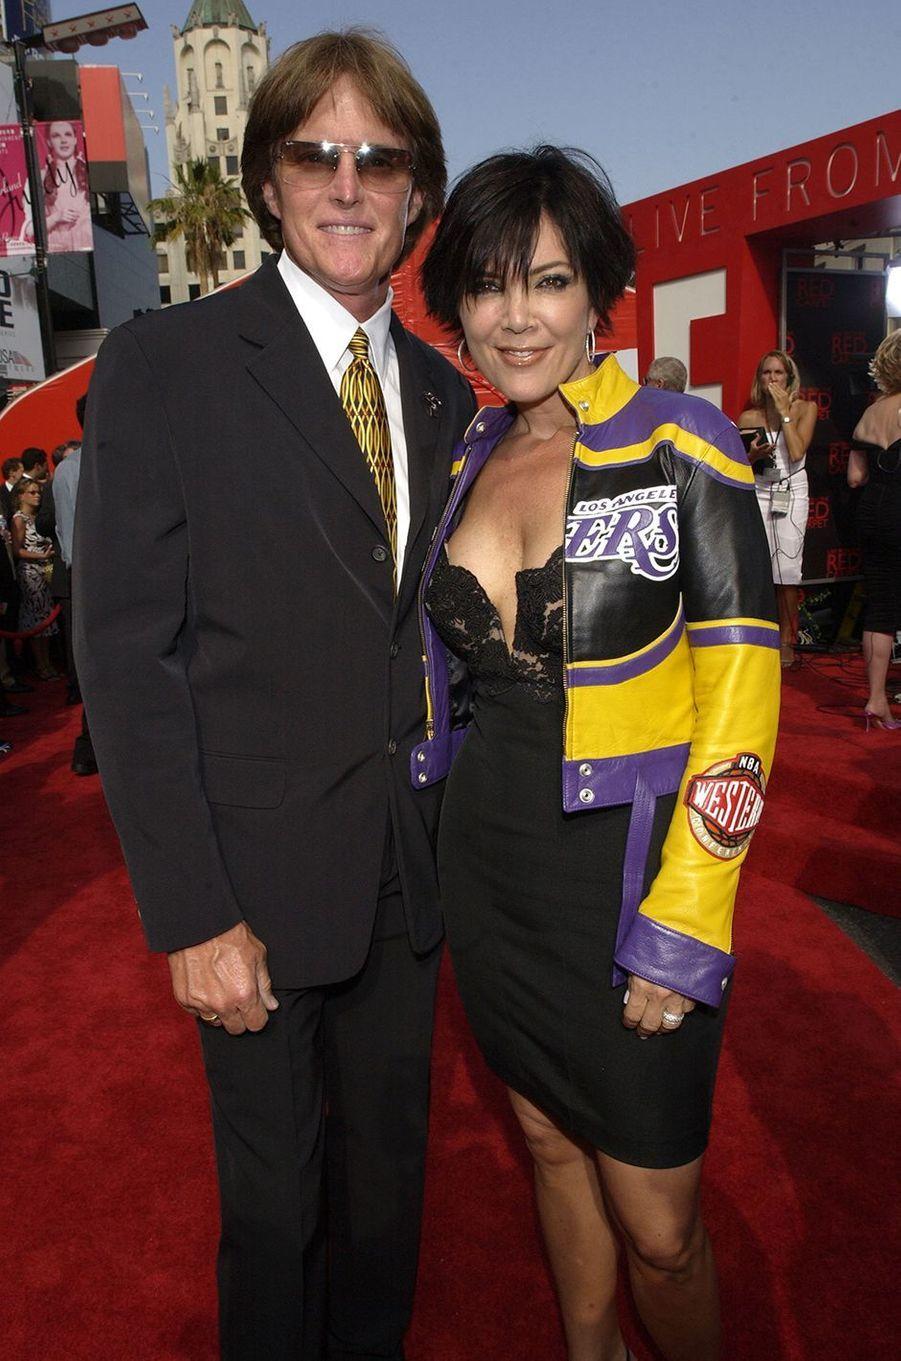 Bruce et Kris Jenner aux EPSY Awards à Los Angeles en juillet 2002